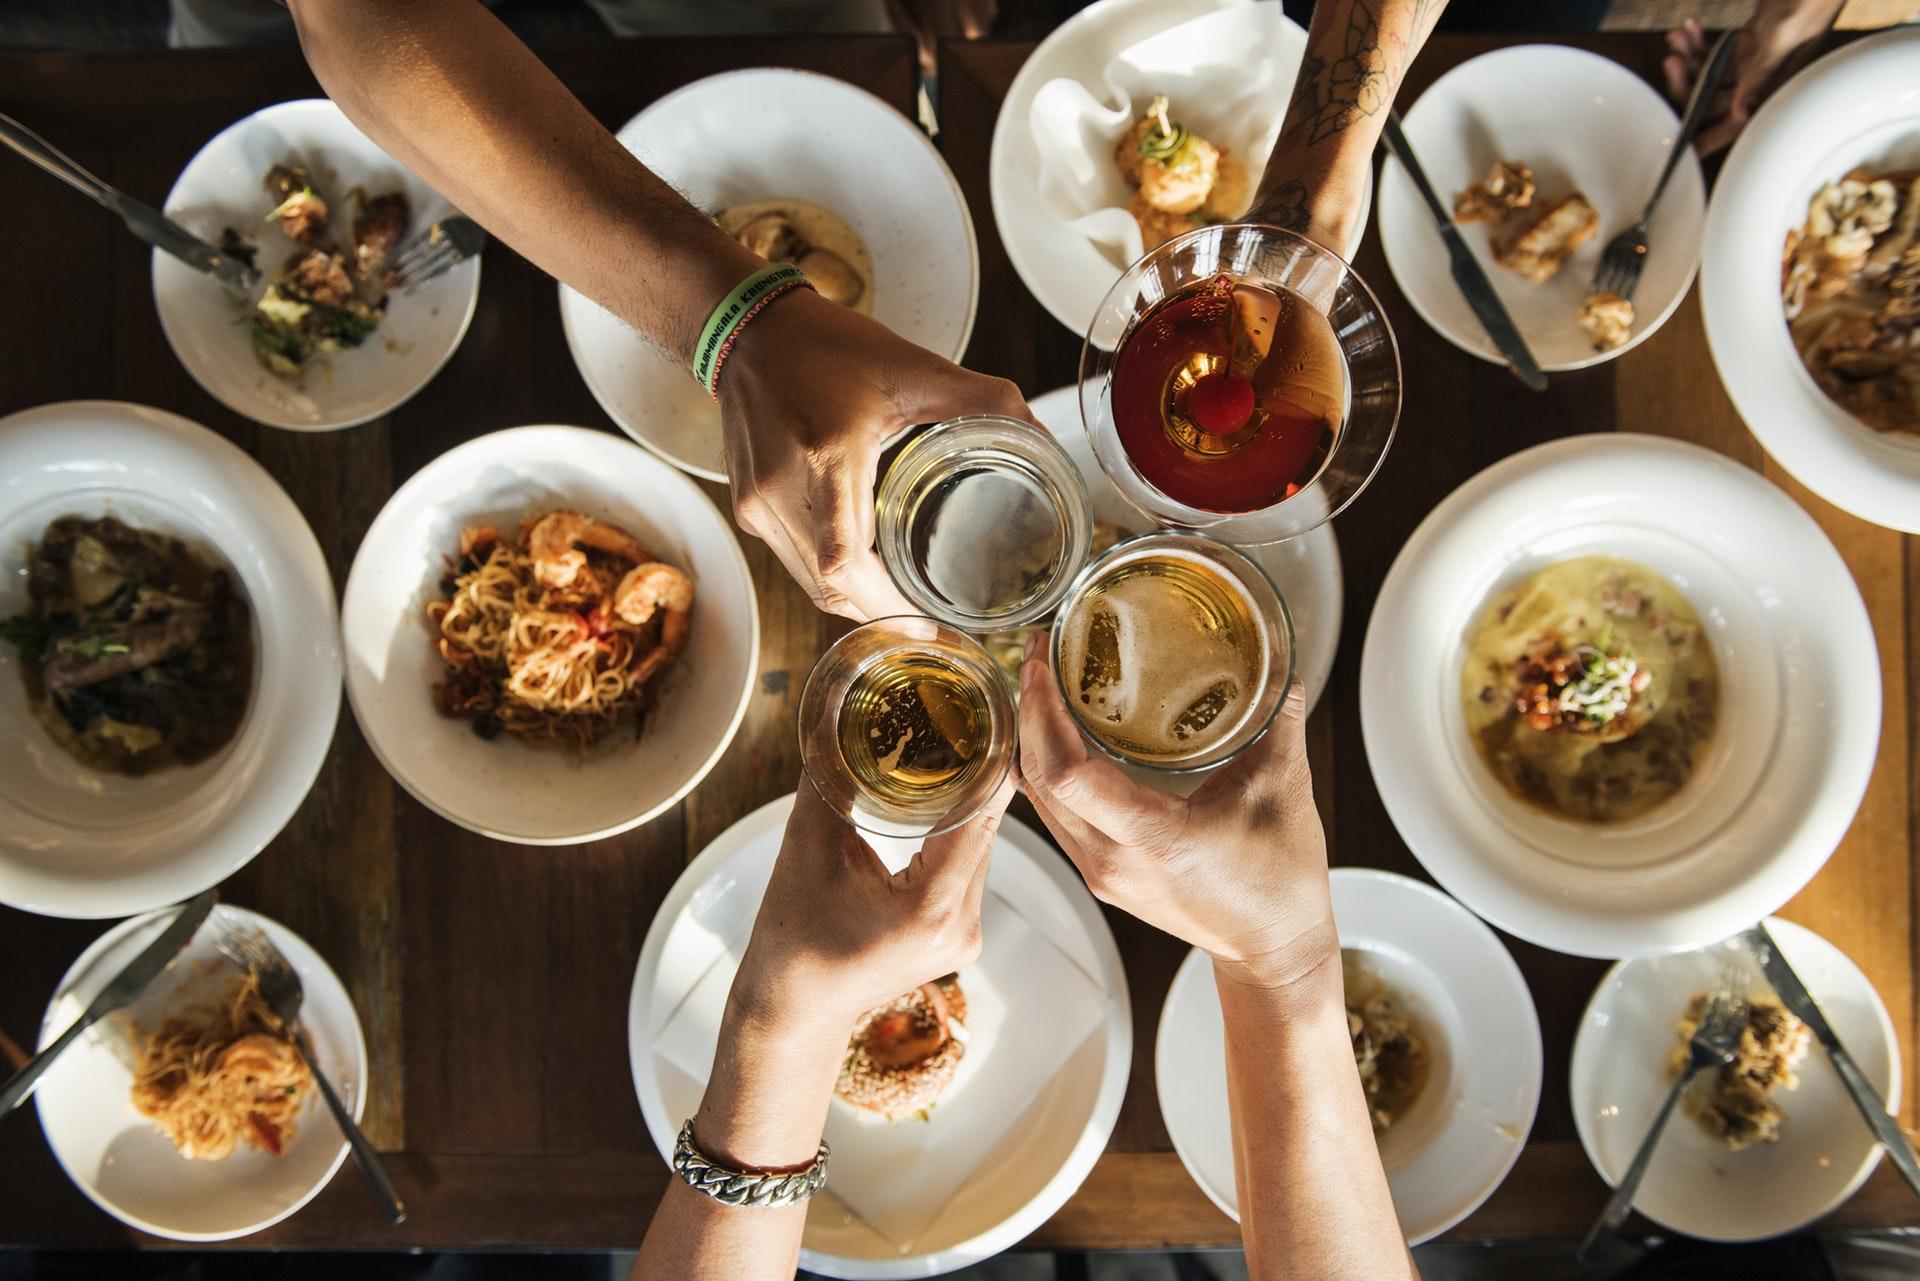 Як на свята є все, що хочеться: поради дієтолога